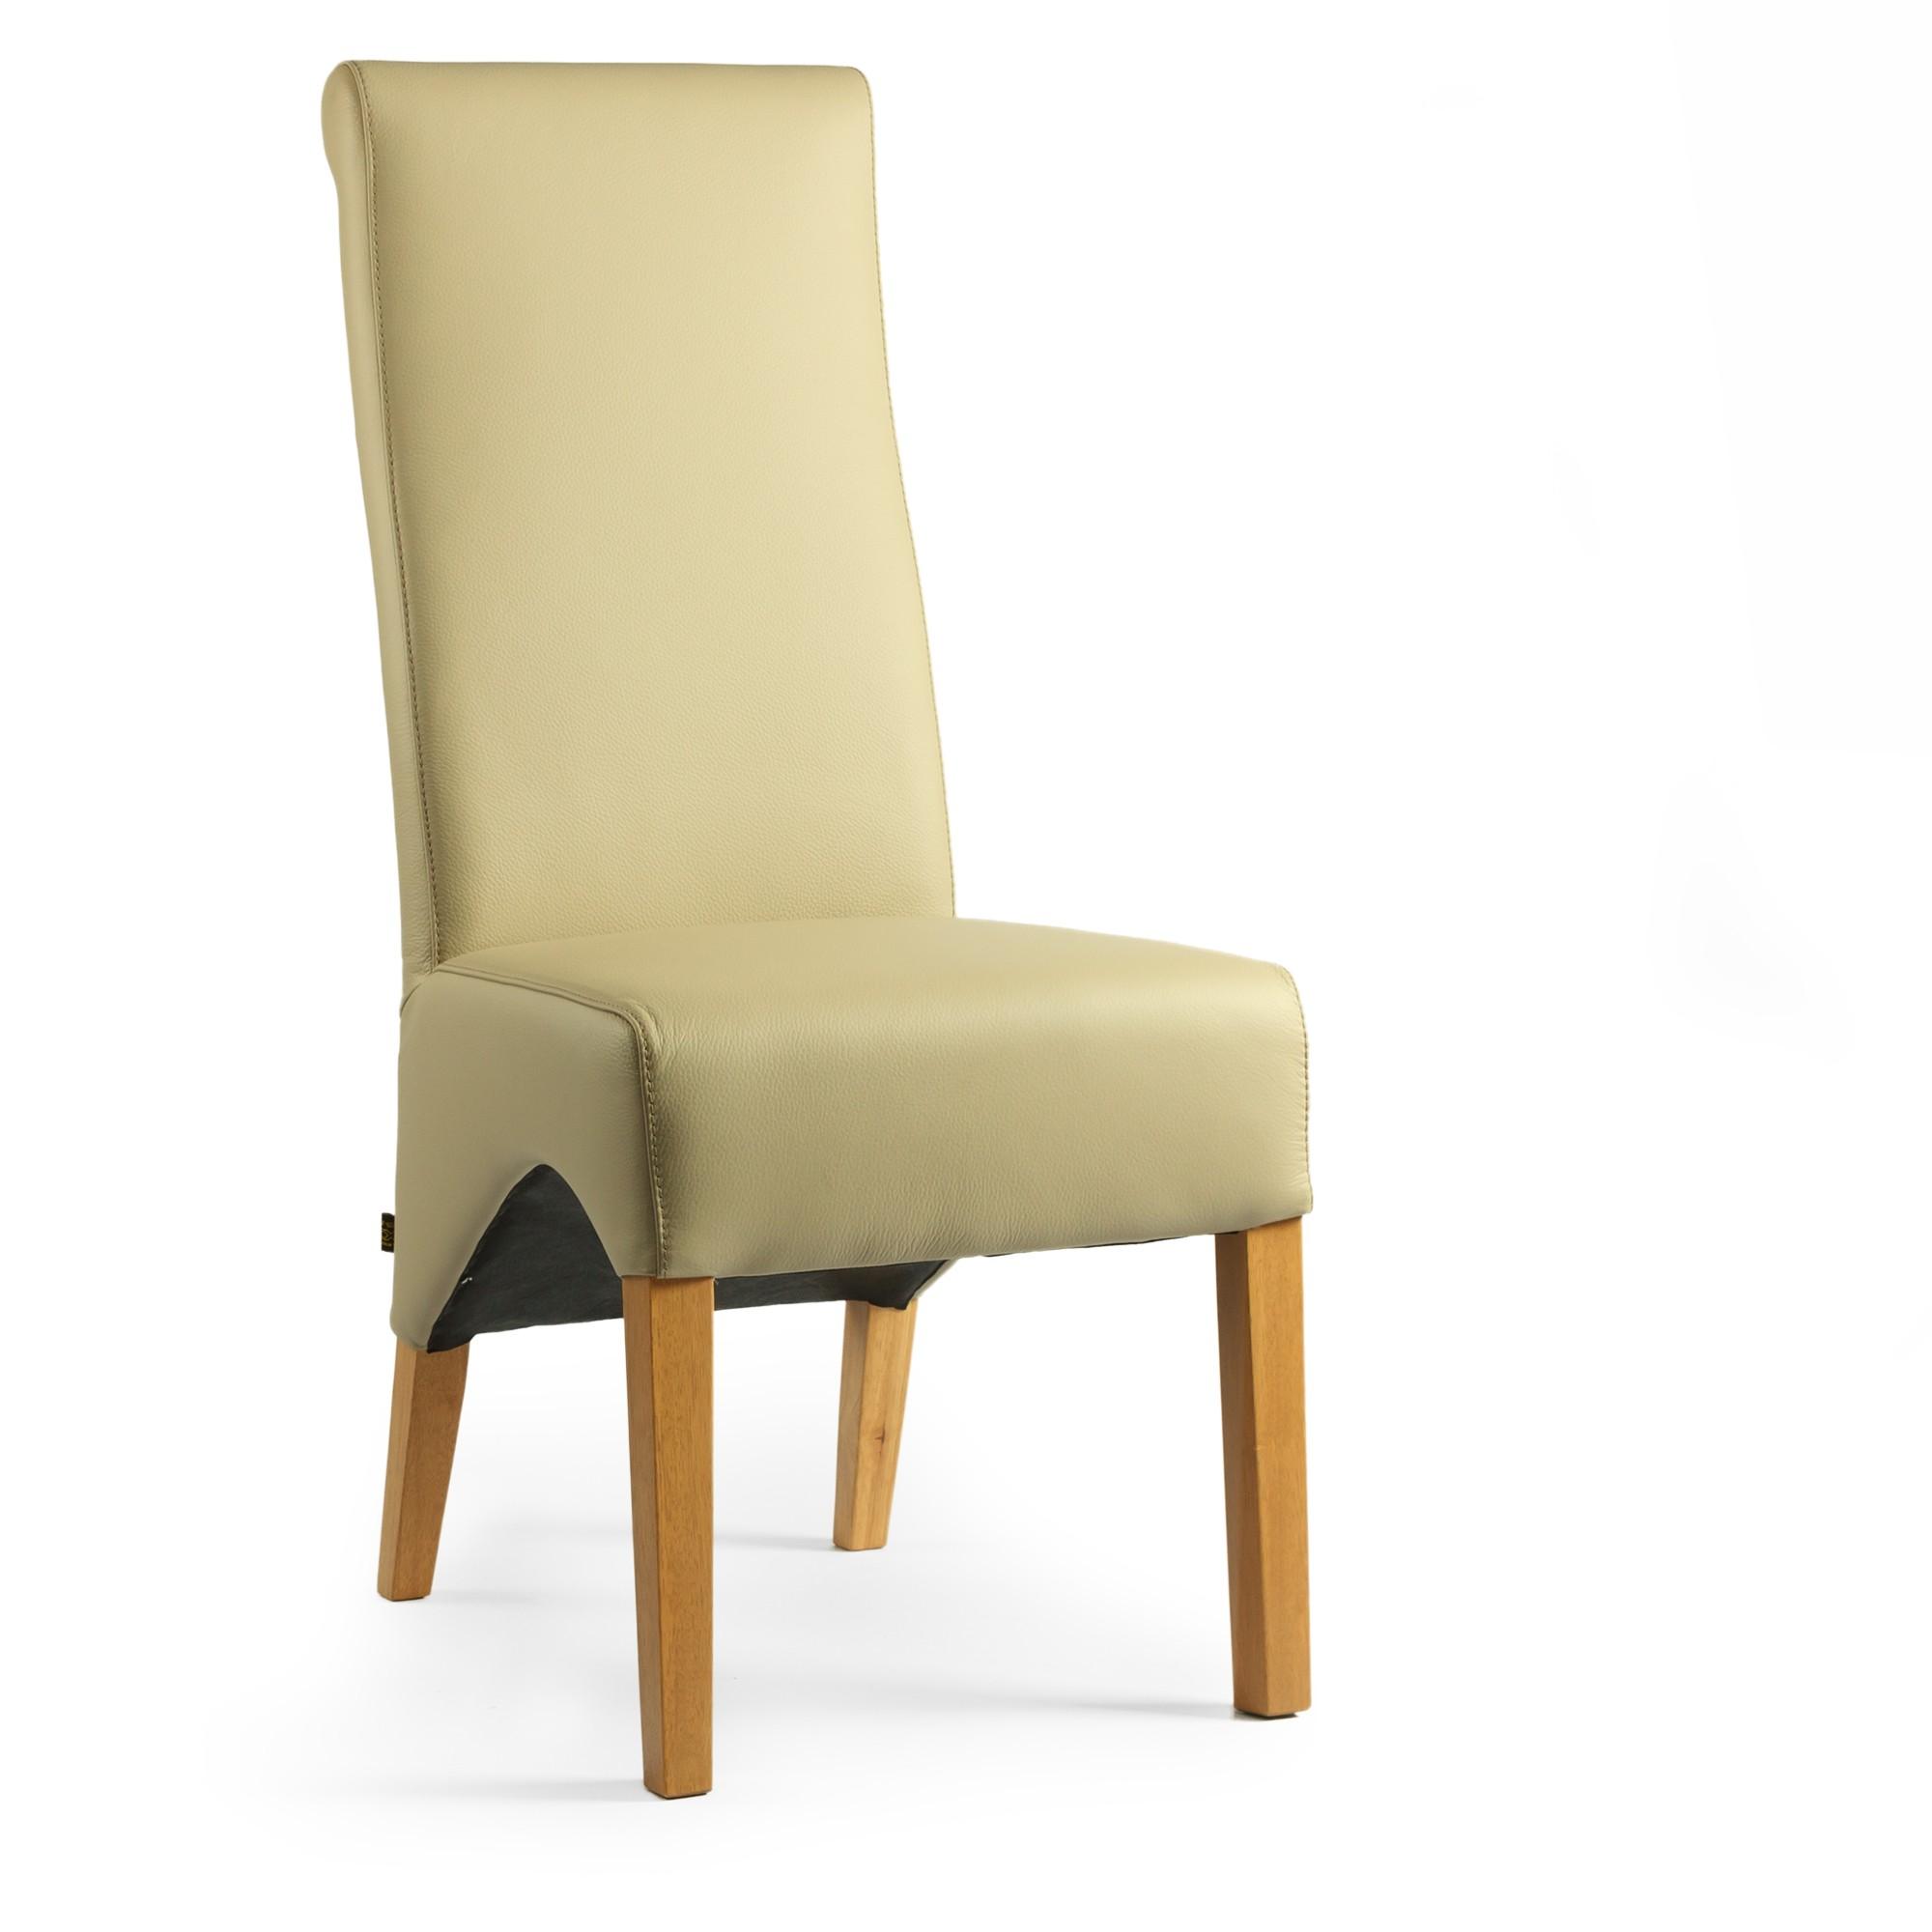 lederstuhl regina federkern light mocca eiche. Black Bedroom Furniture Sets. Home Design Ideas